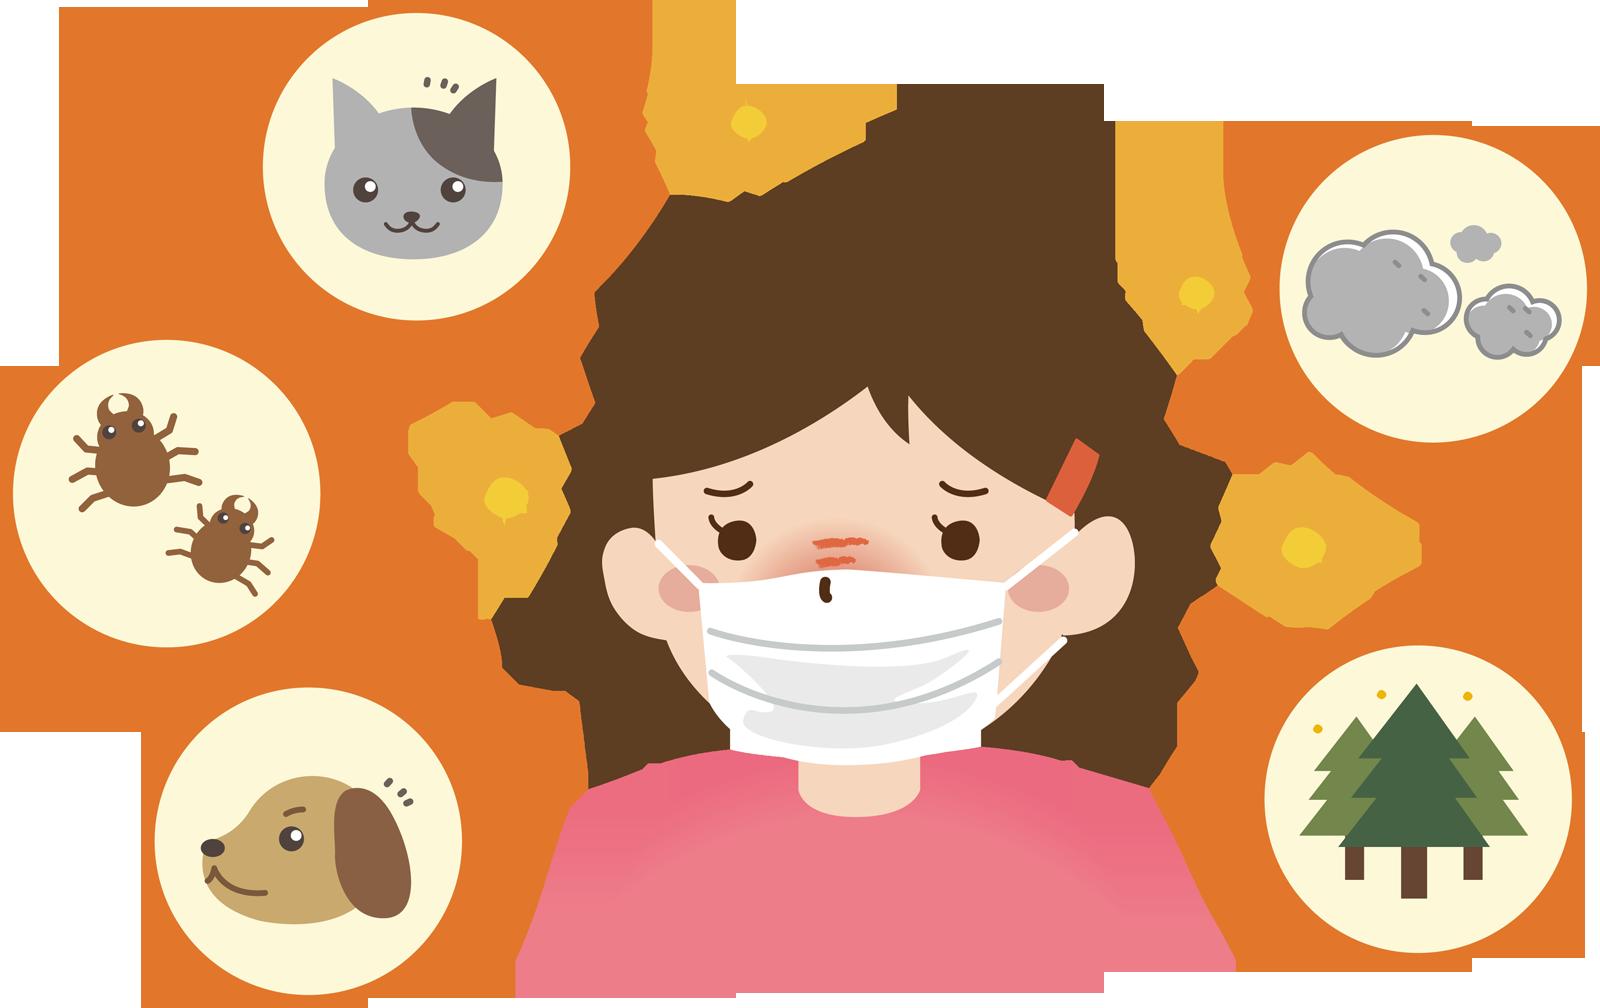 乳幼児期の喘鳴時のアレルゲン感作は、その後の喘鳴持続を予測するかもしれない